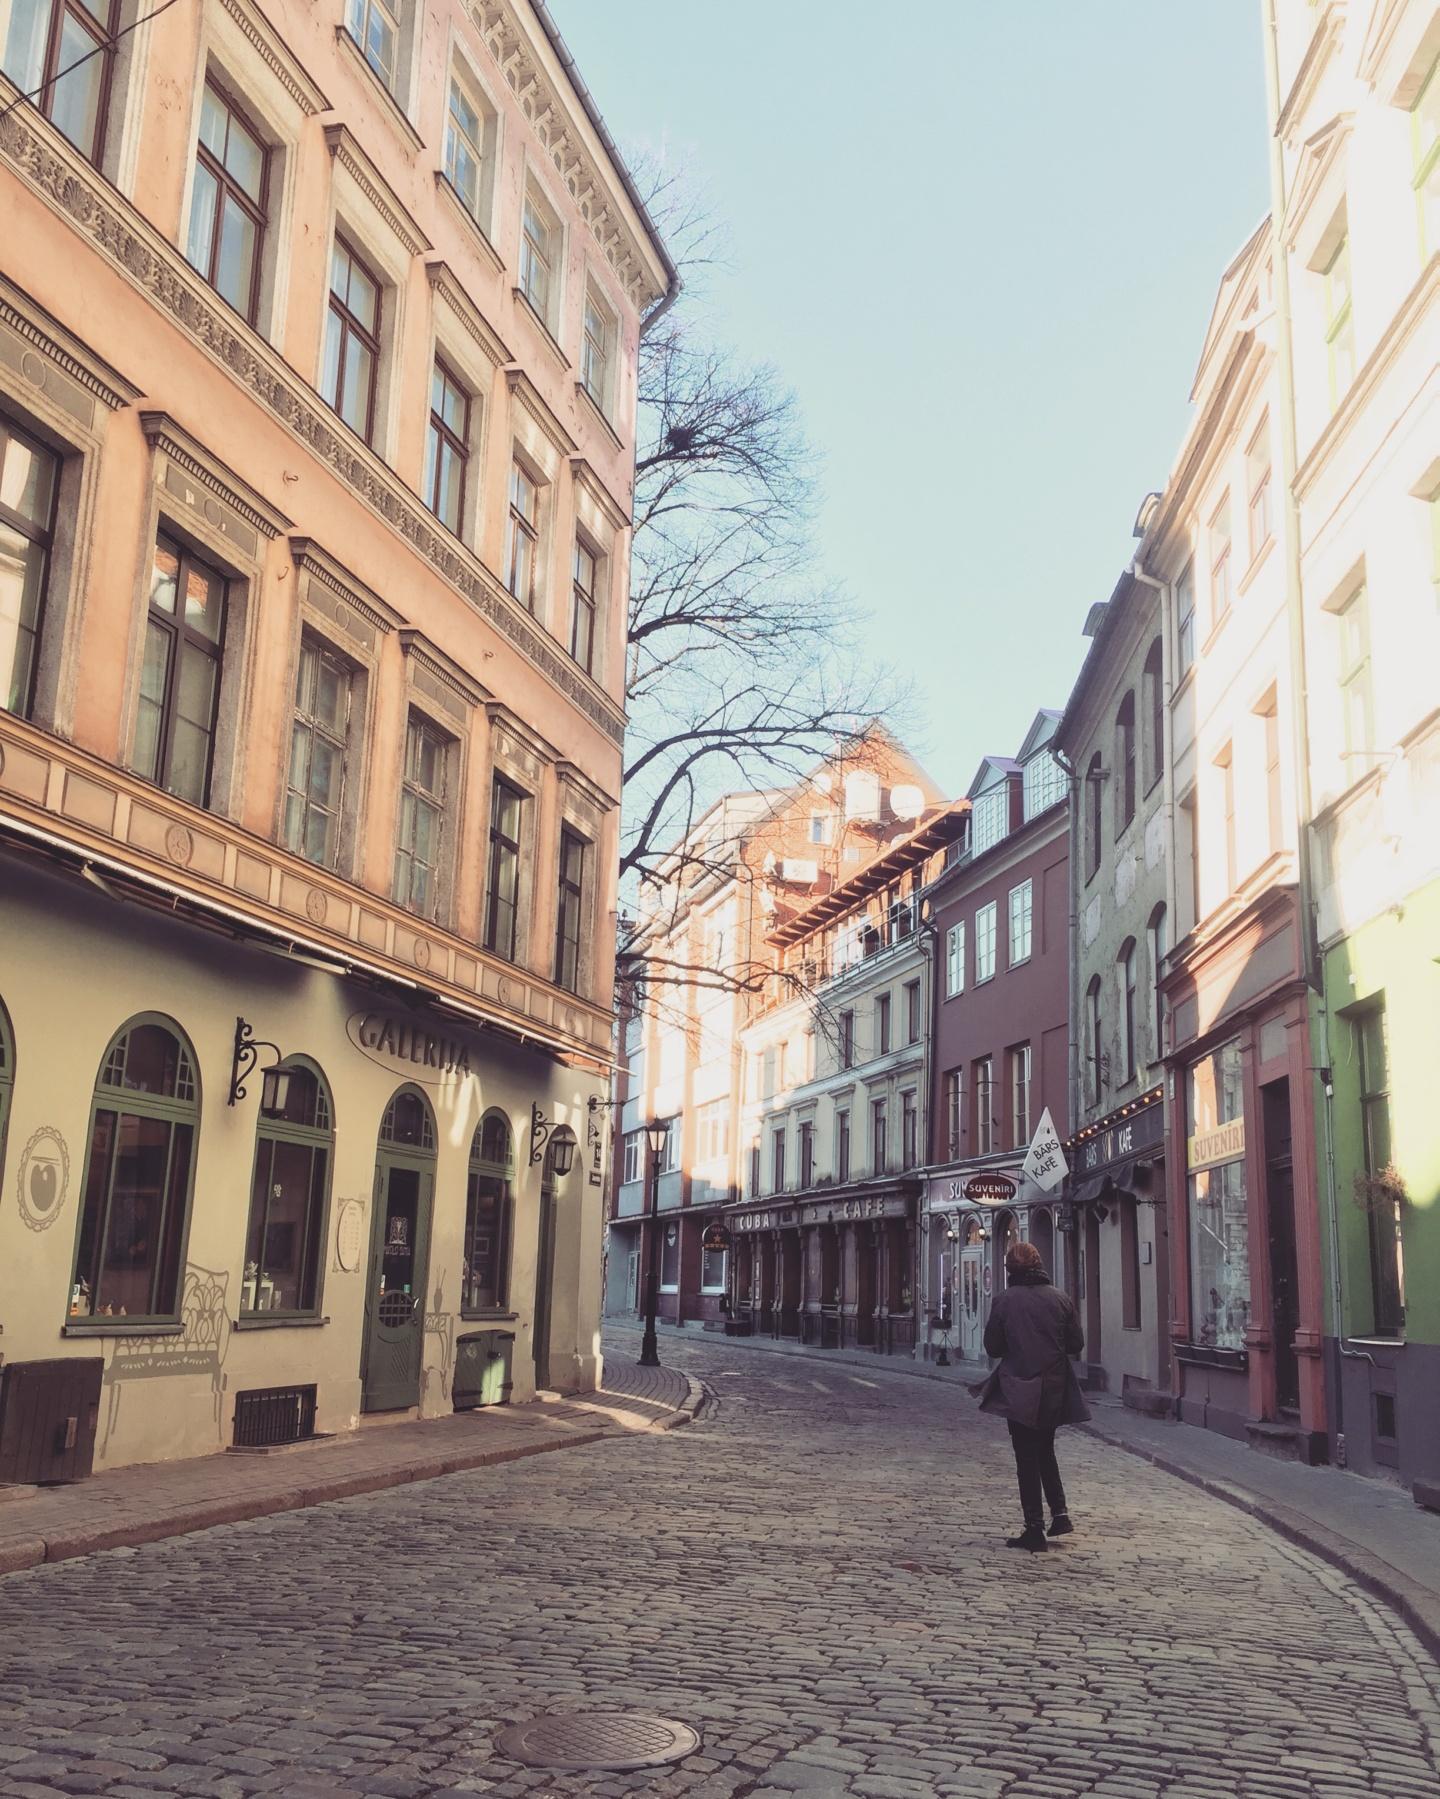 Europe | Day 1 in Riga, Latvia